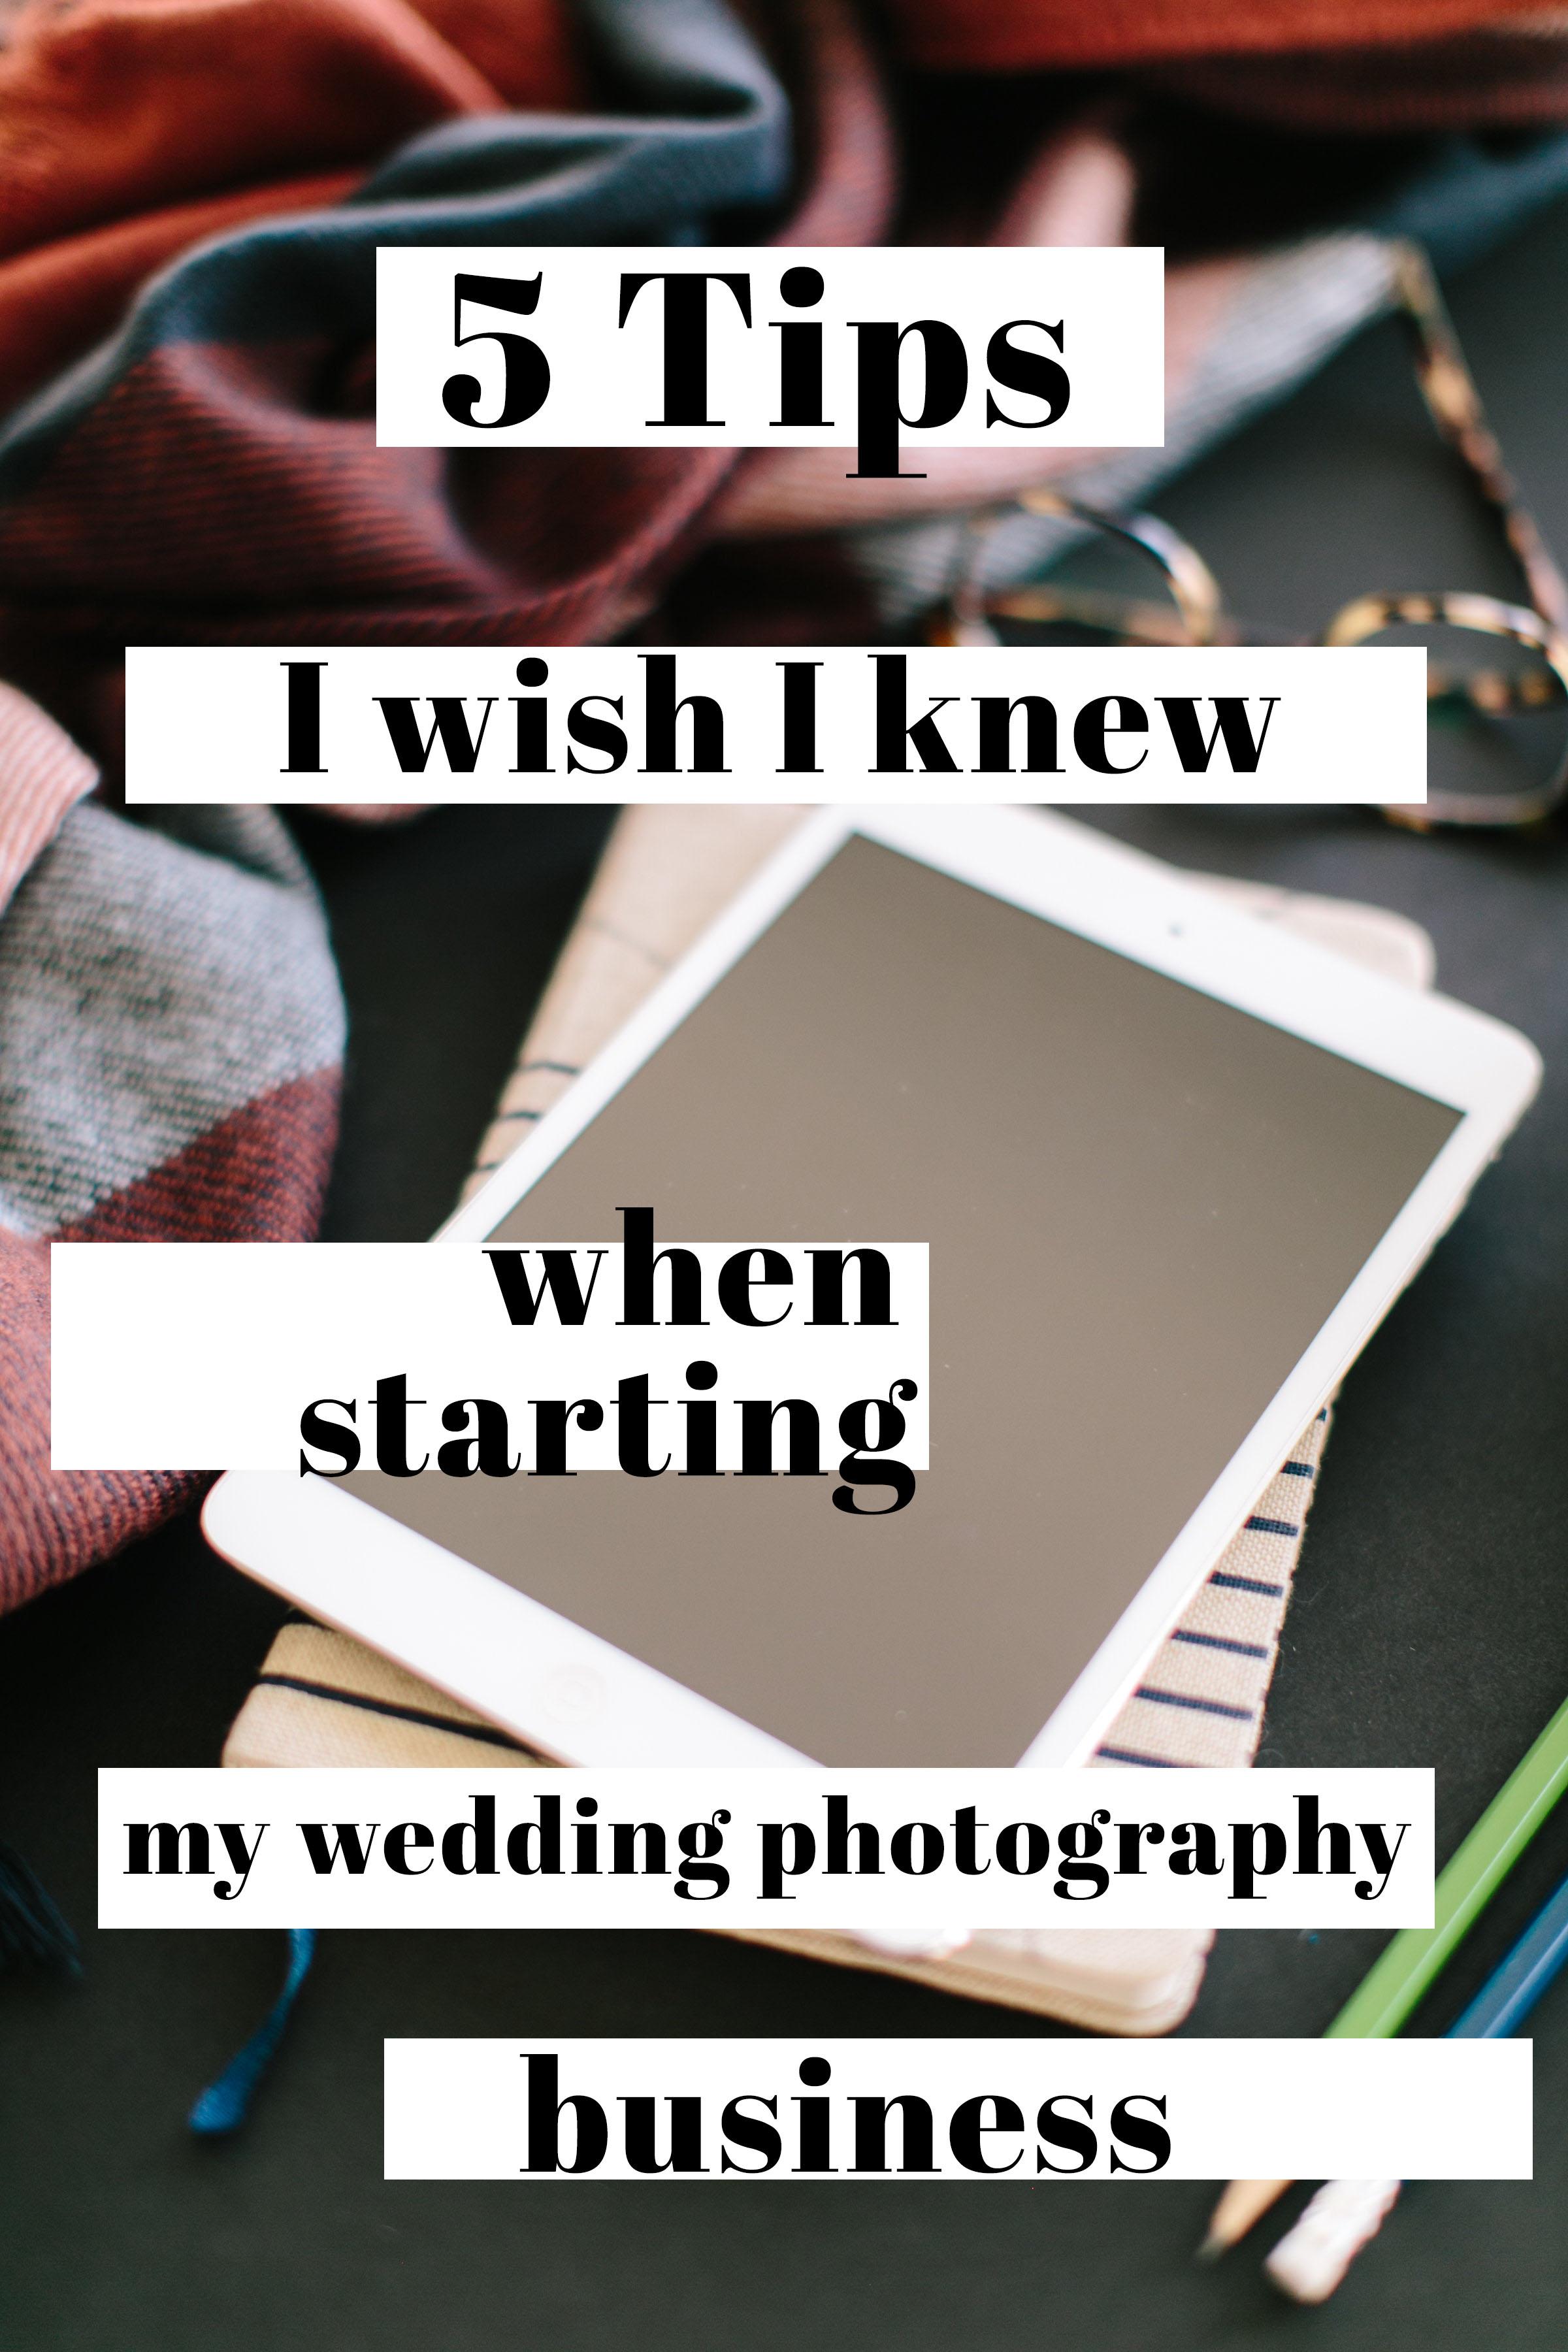 tipsaboutstartingyourweddingphotographybusiness.jpg